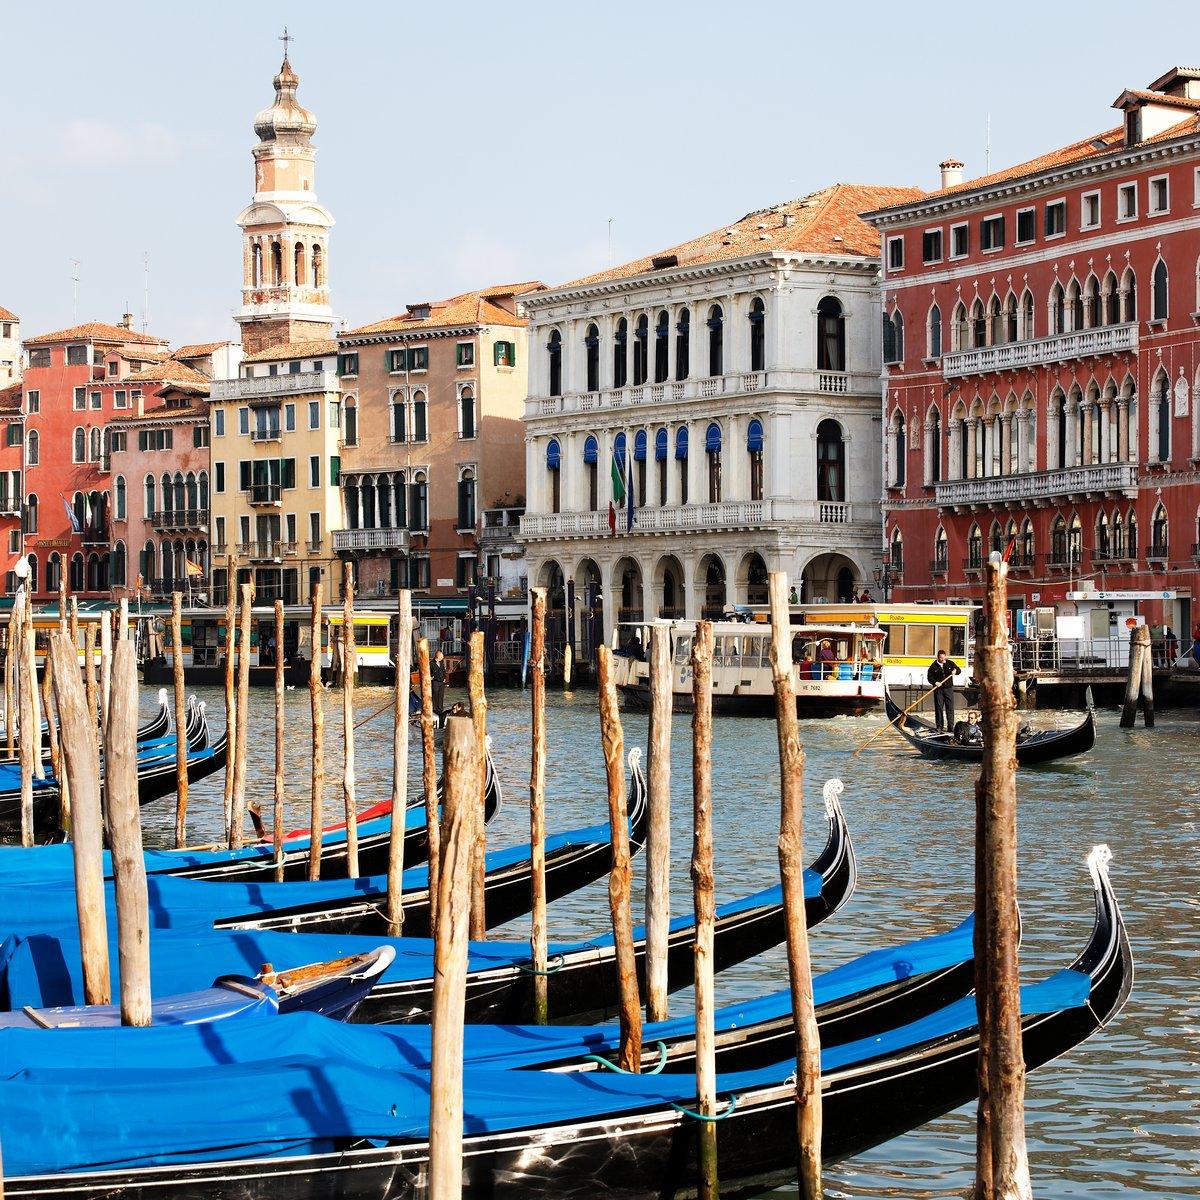 Постер Города и карты Знаменитая Венеция, 20x20 см, на бумагеВенеция<br>Постер на холсте или бумаге. Любого нужного вам размера. В раме или без. Подвес в комплекте. Трехслойная надежная упаковка. Доставим в любую точку России. Вам осталось только повесить картину на стену!<br>